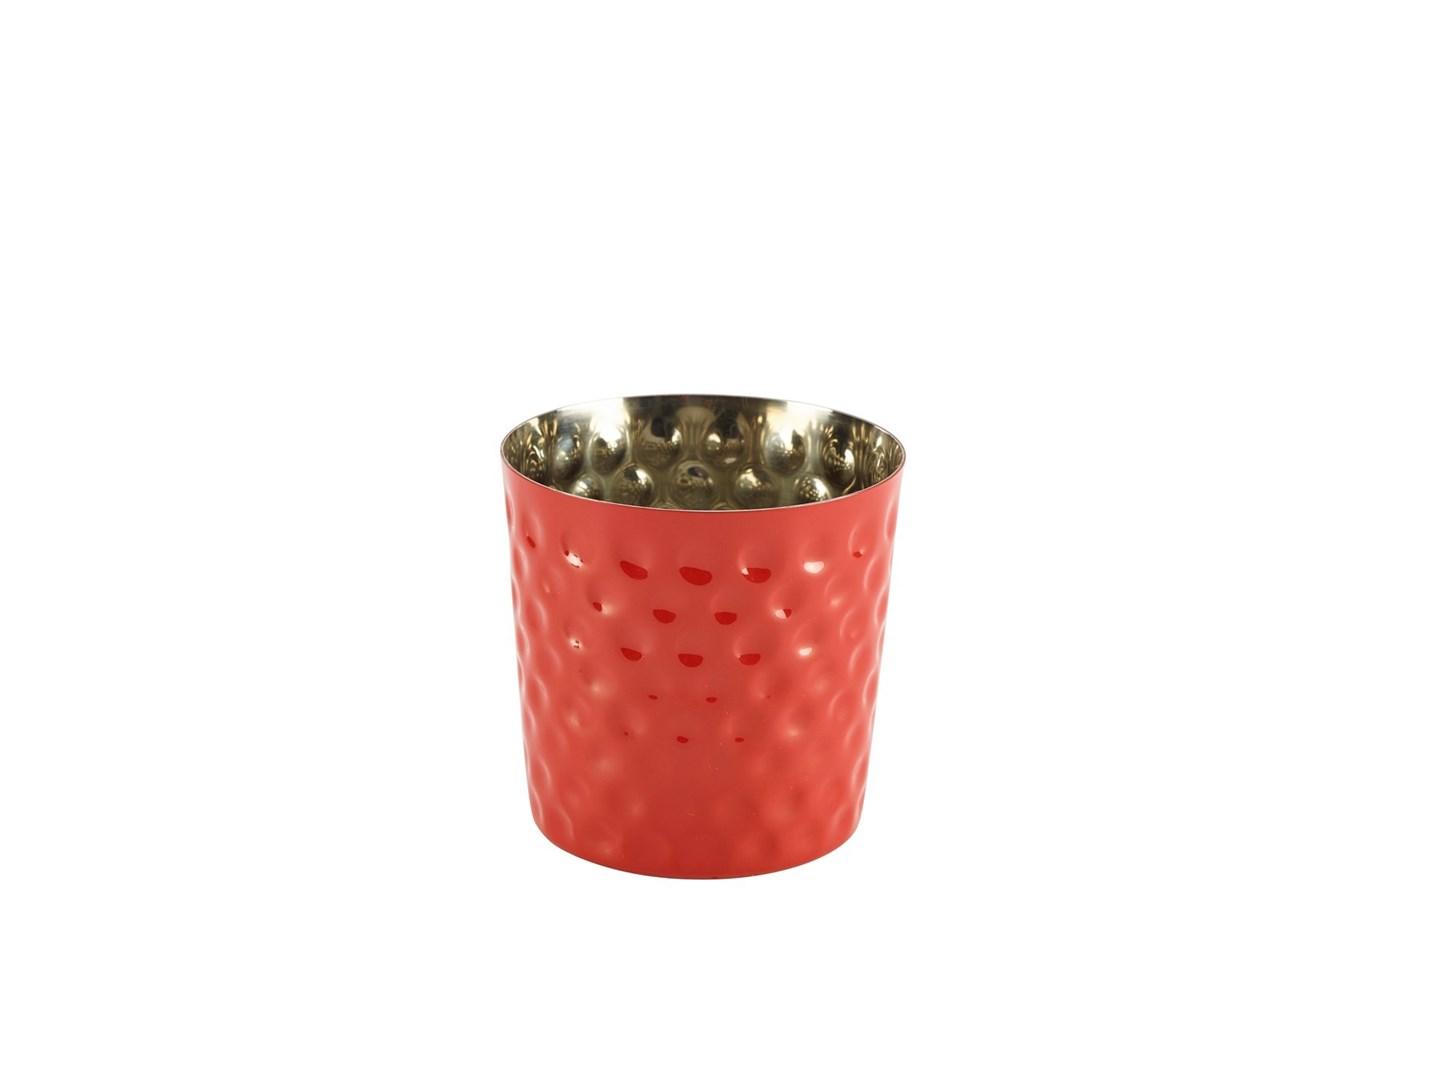 Productafbeelding RVS friet presentatiebakje rood gehamerd 8,5 cm